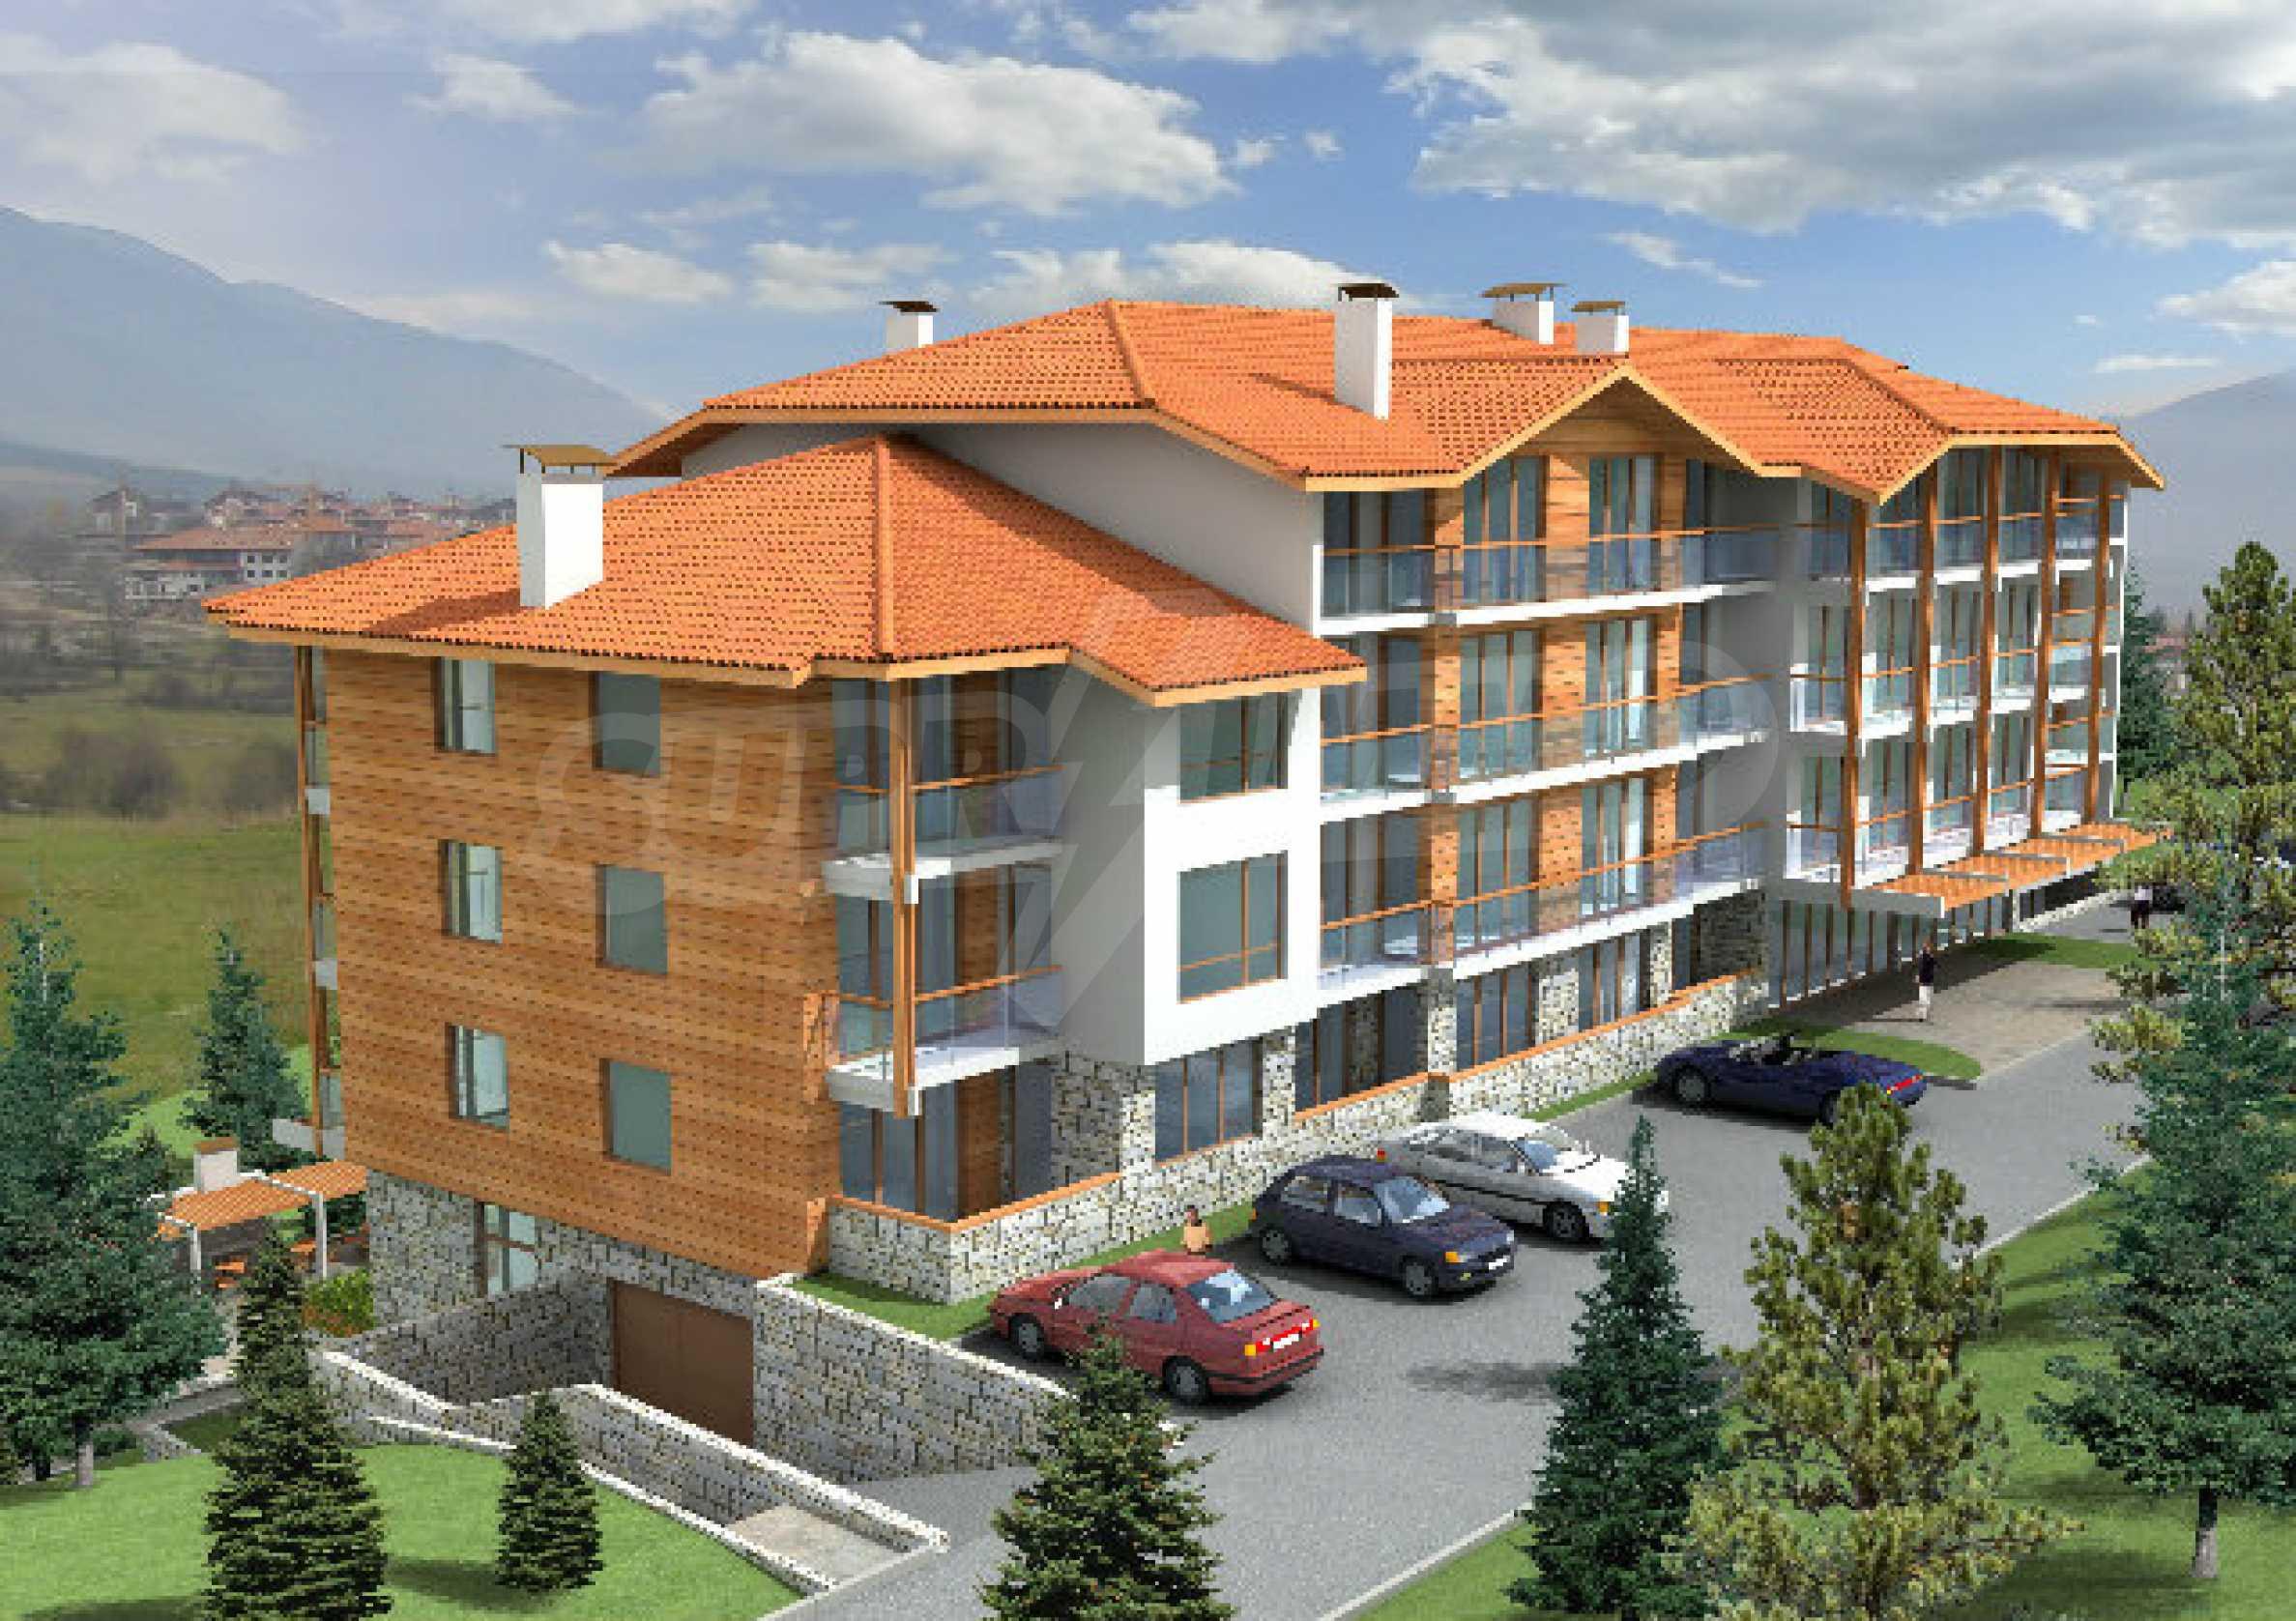 Geregeltes Grundstück mit Investitionsprojekt für den Bau eines Aparthotels in Bansko 2